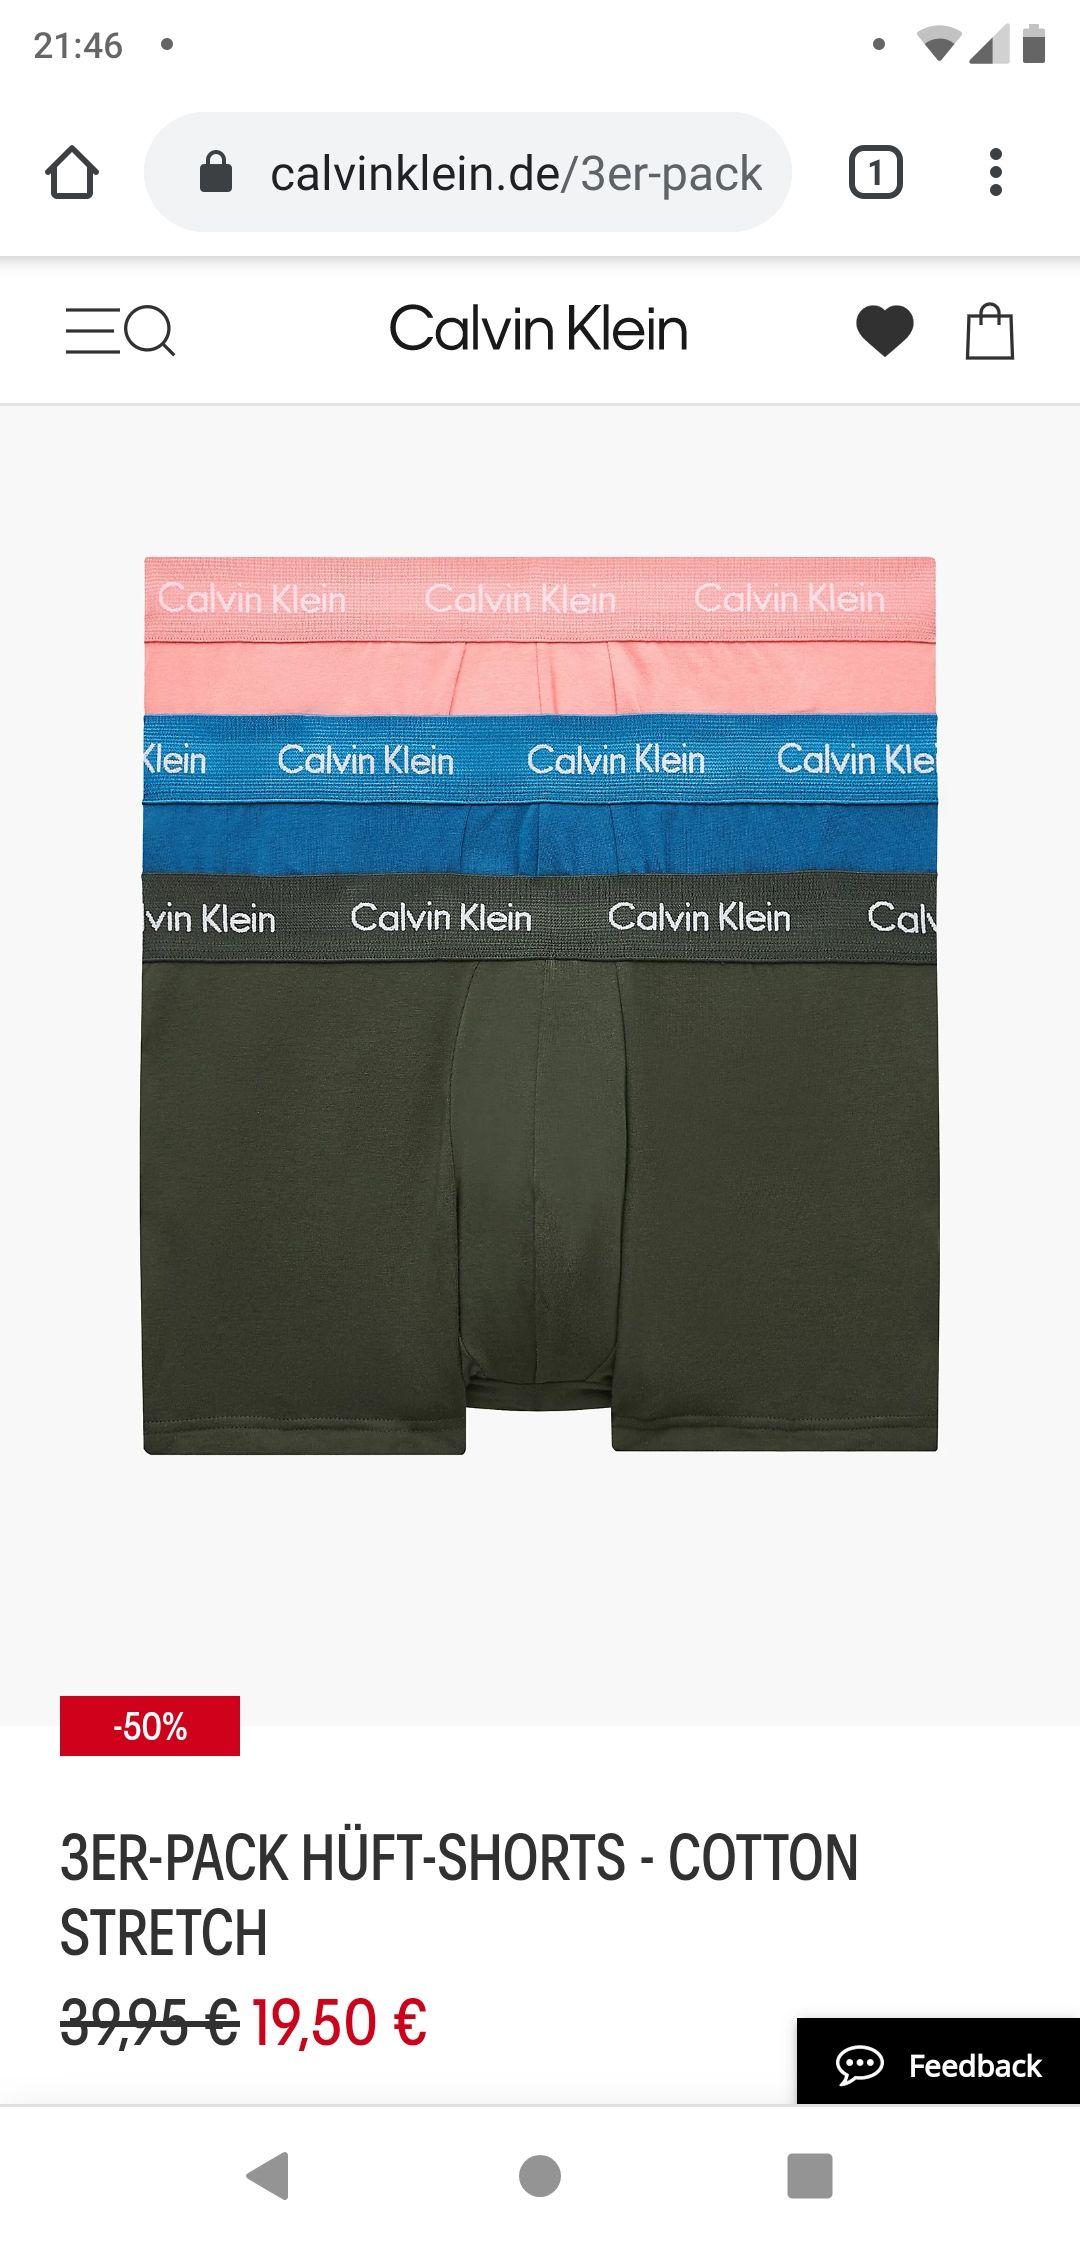 Calvin Klein 3 Hüft-Shorts XS und S